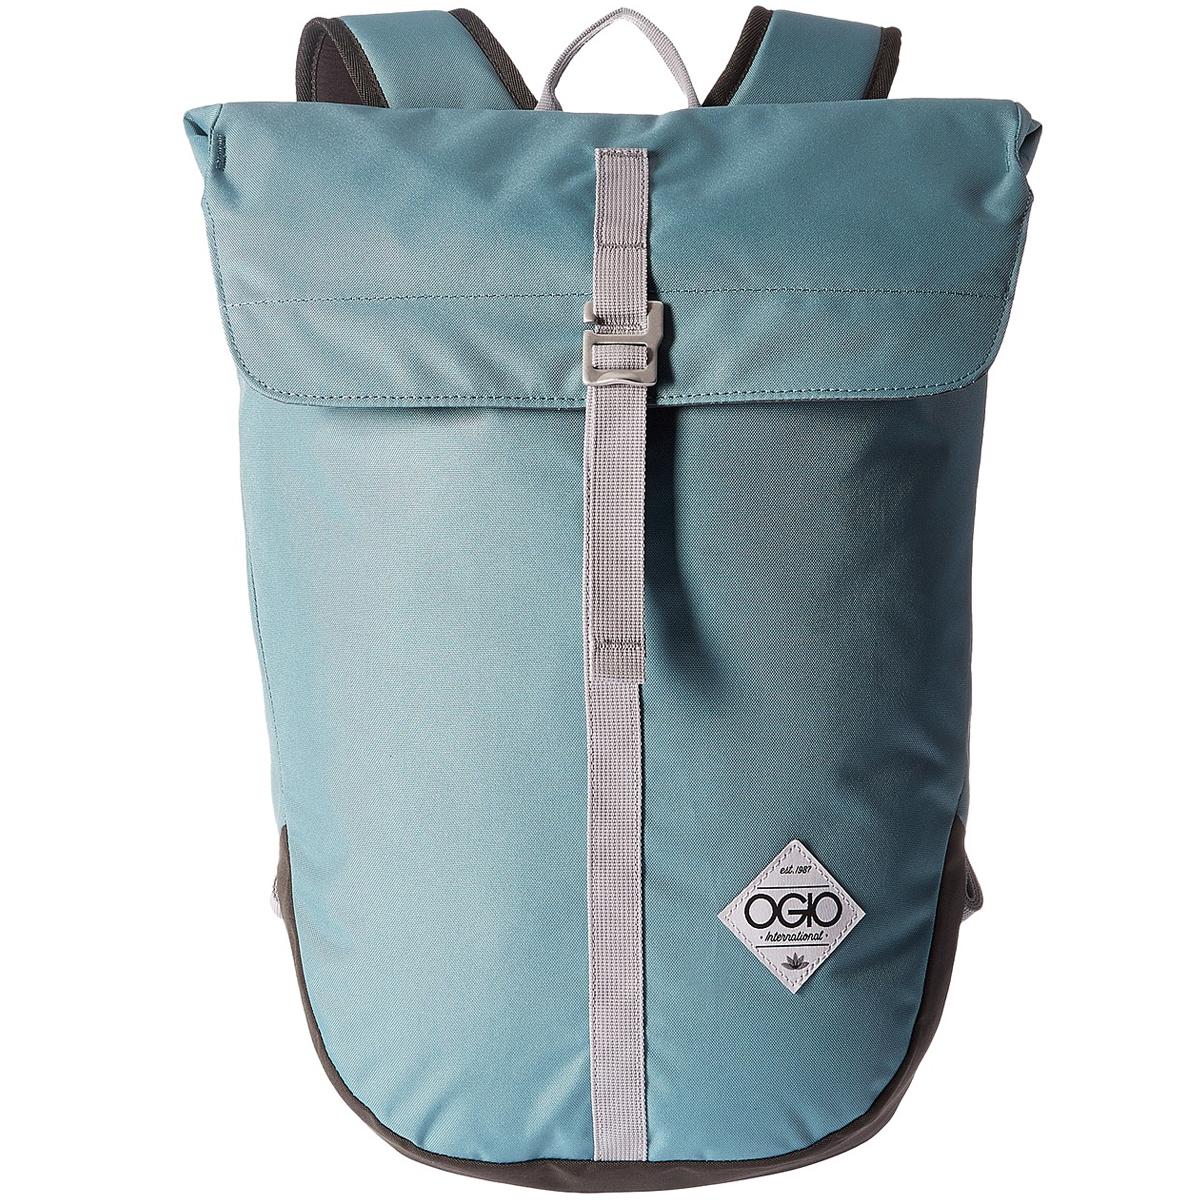 Рюкзак городской OGIO Active. Dosha Pack (A/S), цвет: голубой. 031652227569031652227569Рюкзак OGIO Active. Dosha Pack (A/S) разработан для ярких и модных людей! Он позволит вам взять с собой все необходимое.Рюкзак OGIO Active. Dosha Pack (A/S) компактный, но при этом достаточно вместительный. Имеется специализированный уплотненный отсек для ноутбука до 15 дюймов. Оригинальная конструкция рюкзака совершенно не содержит молнии, а основное отделение закрывается клапаном с пряжкой. Стеганая задняя панель и плотные эргономичные лямки обеспечат комфорт во время переноски, сняв лишнюю нагрузку со спины, а стильный дизайн рюкзака позволит ему стать важной частью вашего повседневного образа. OGIO - высокотехнологичный продукт от американского производителя. Вместимые сумки для путешествий, работы и отдыха, специальная коллекция городских сумок для женщин, жесткие боксы под мелкий инвентарь и многое другое.